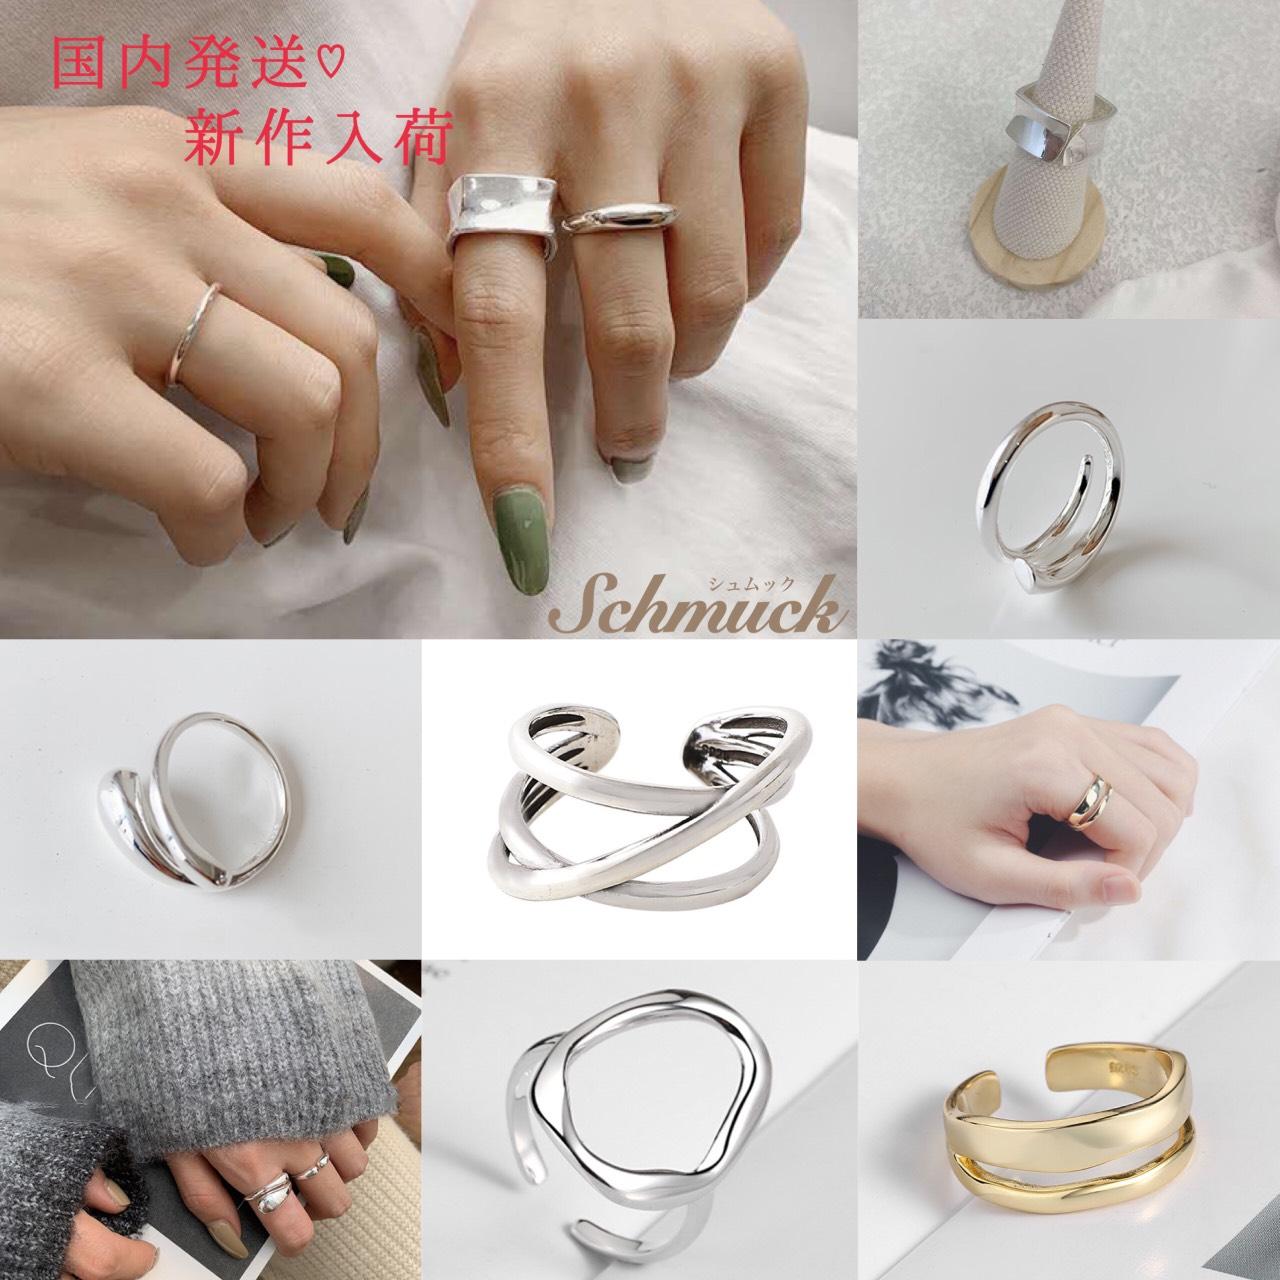 【国内発送】 新作 ヴィンテージ レトロ リング フリーサイズ 韓国ファッション 復古指輪 男女兼用 プレゼント アクセサリー